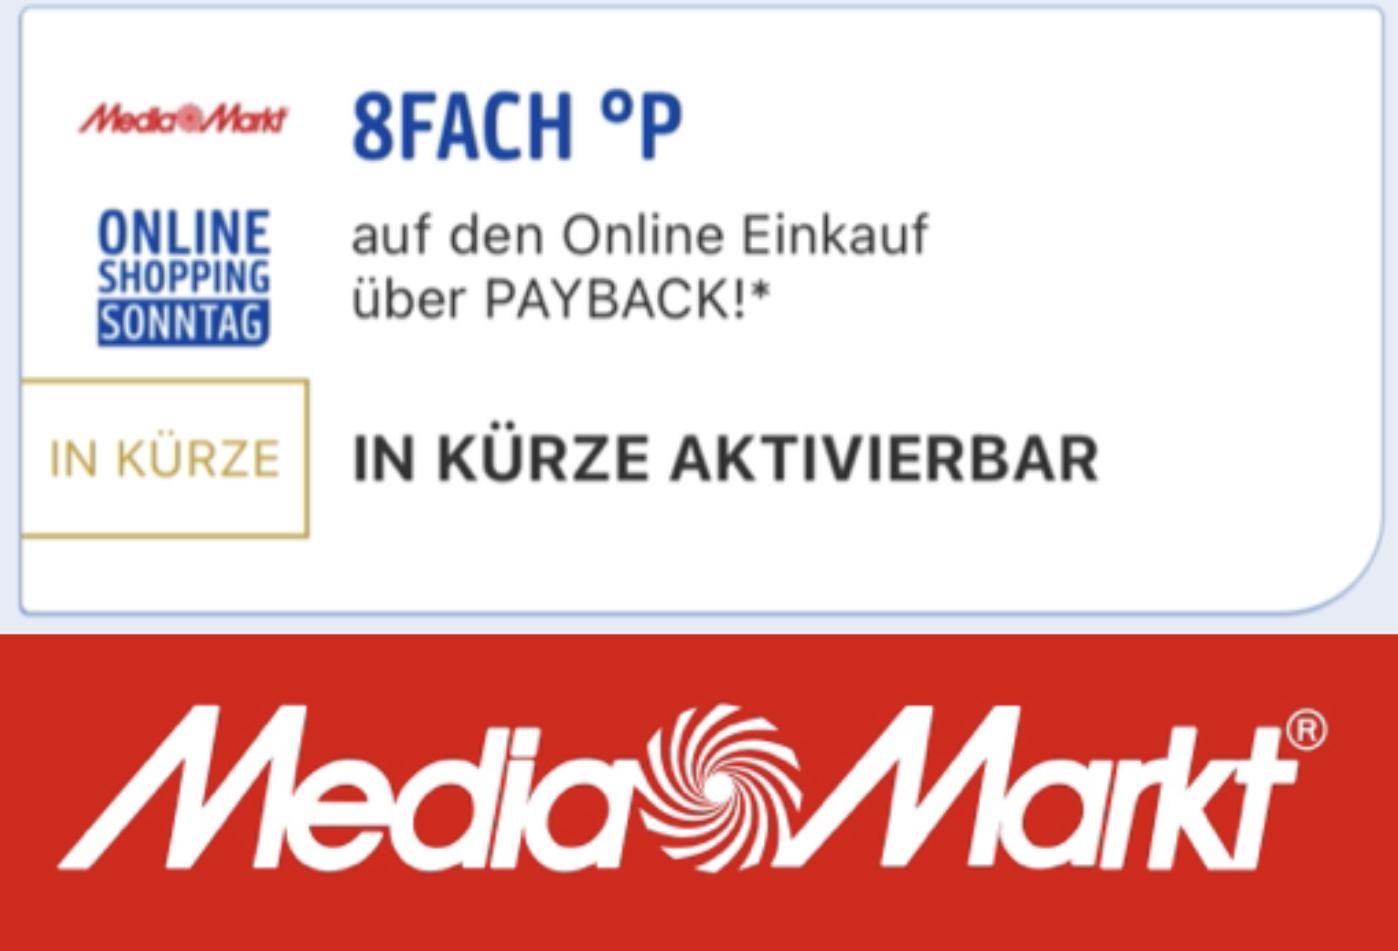 8-fach Payback Punkte bei Media Markt - Online Shopping Sonntag - Entspricht rd. 4% Cashback [personalisiert]